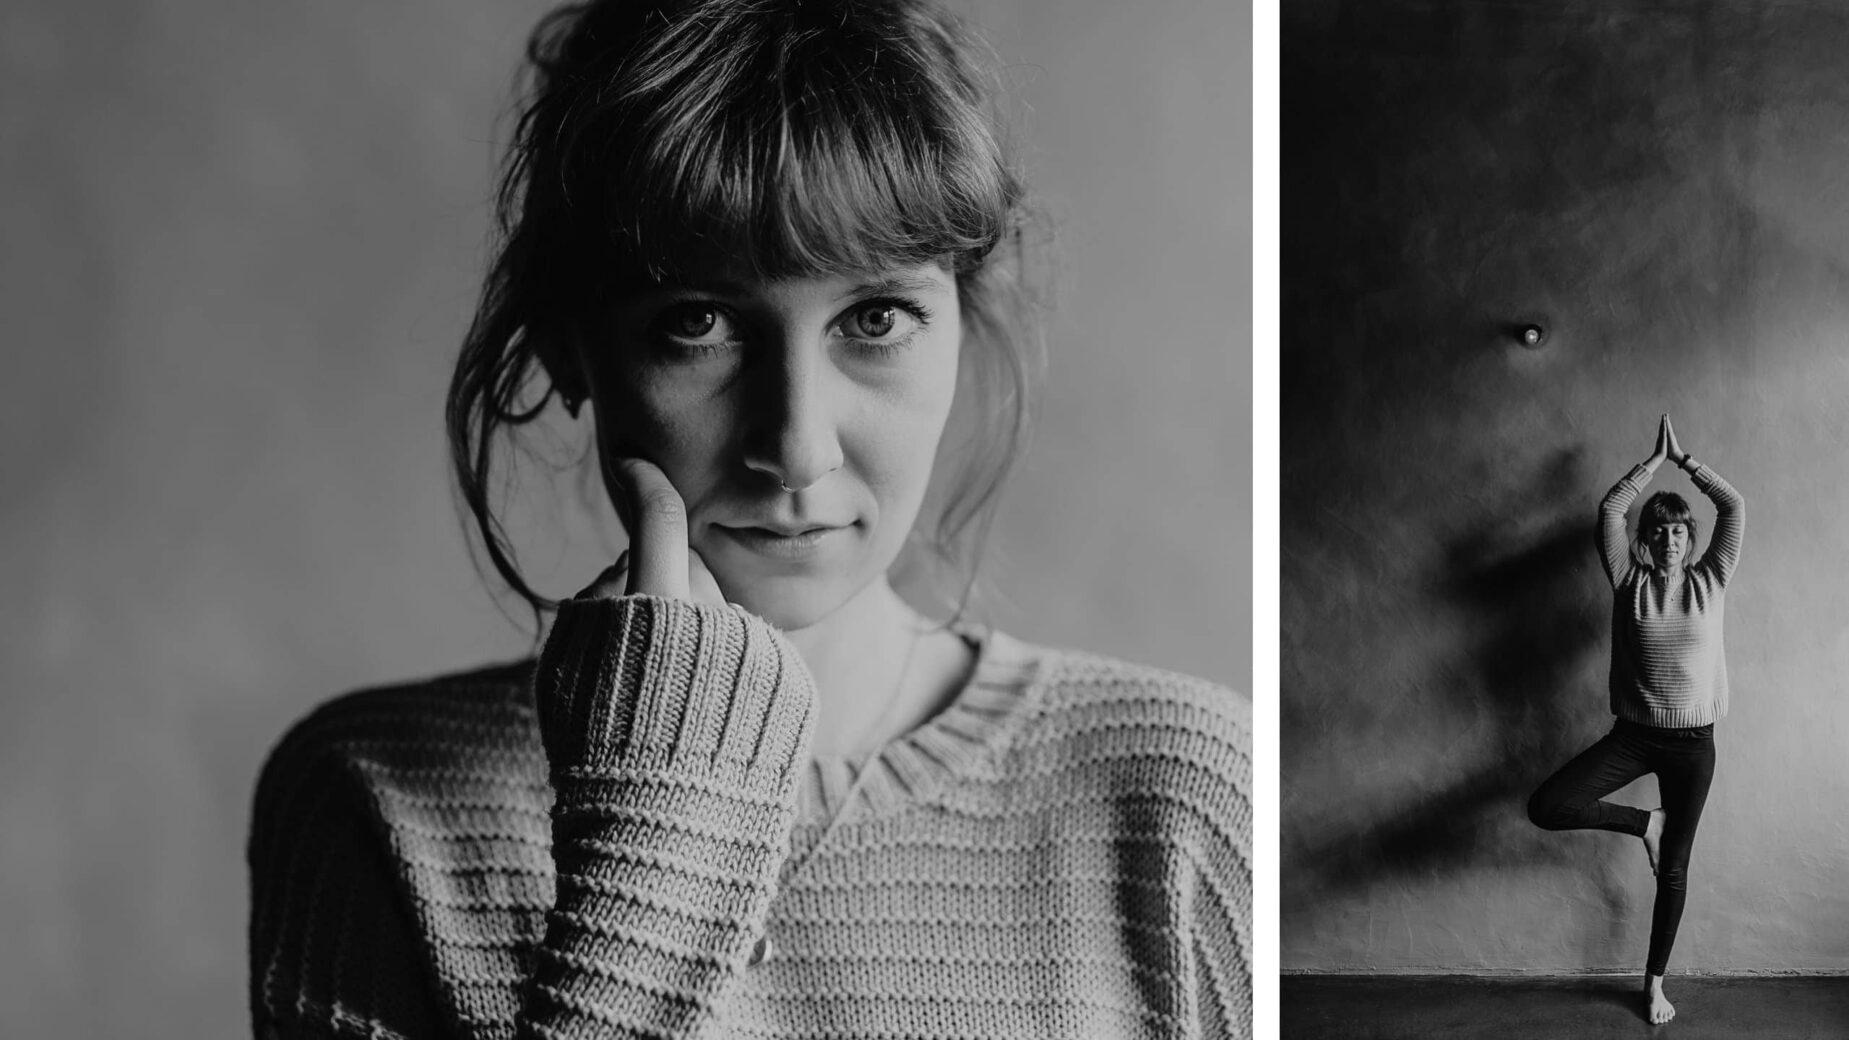 Schlichte und starke Portraitfotos in altem Adelssitz von Jung und Wild design